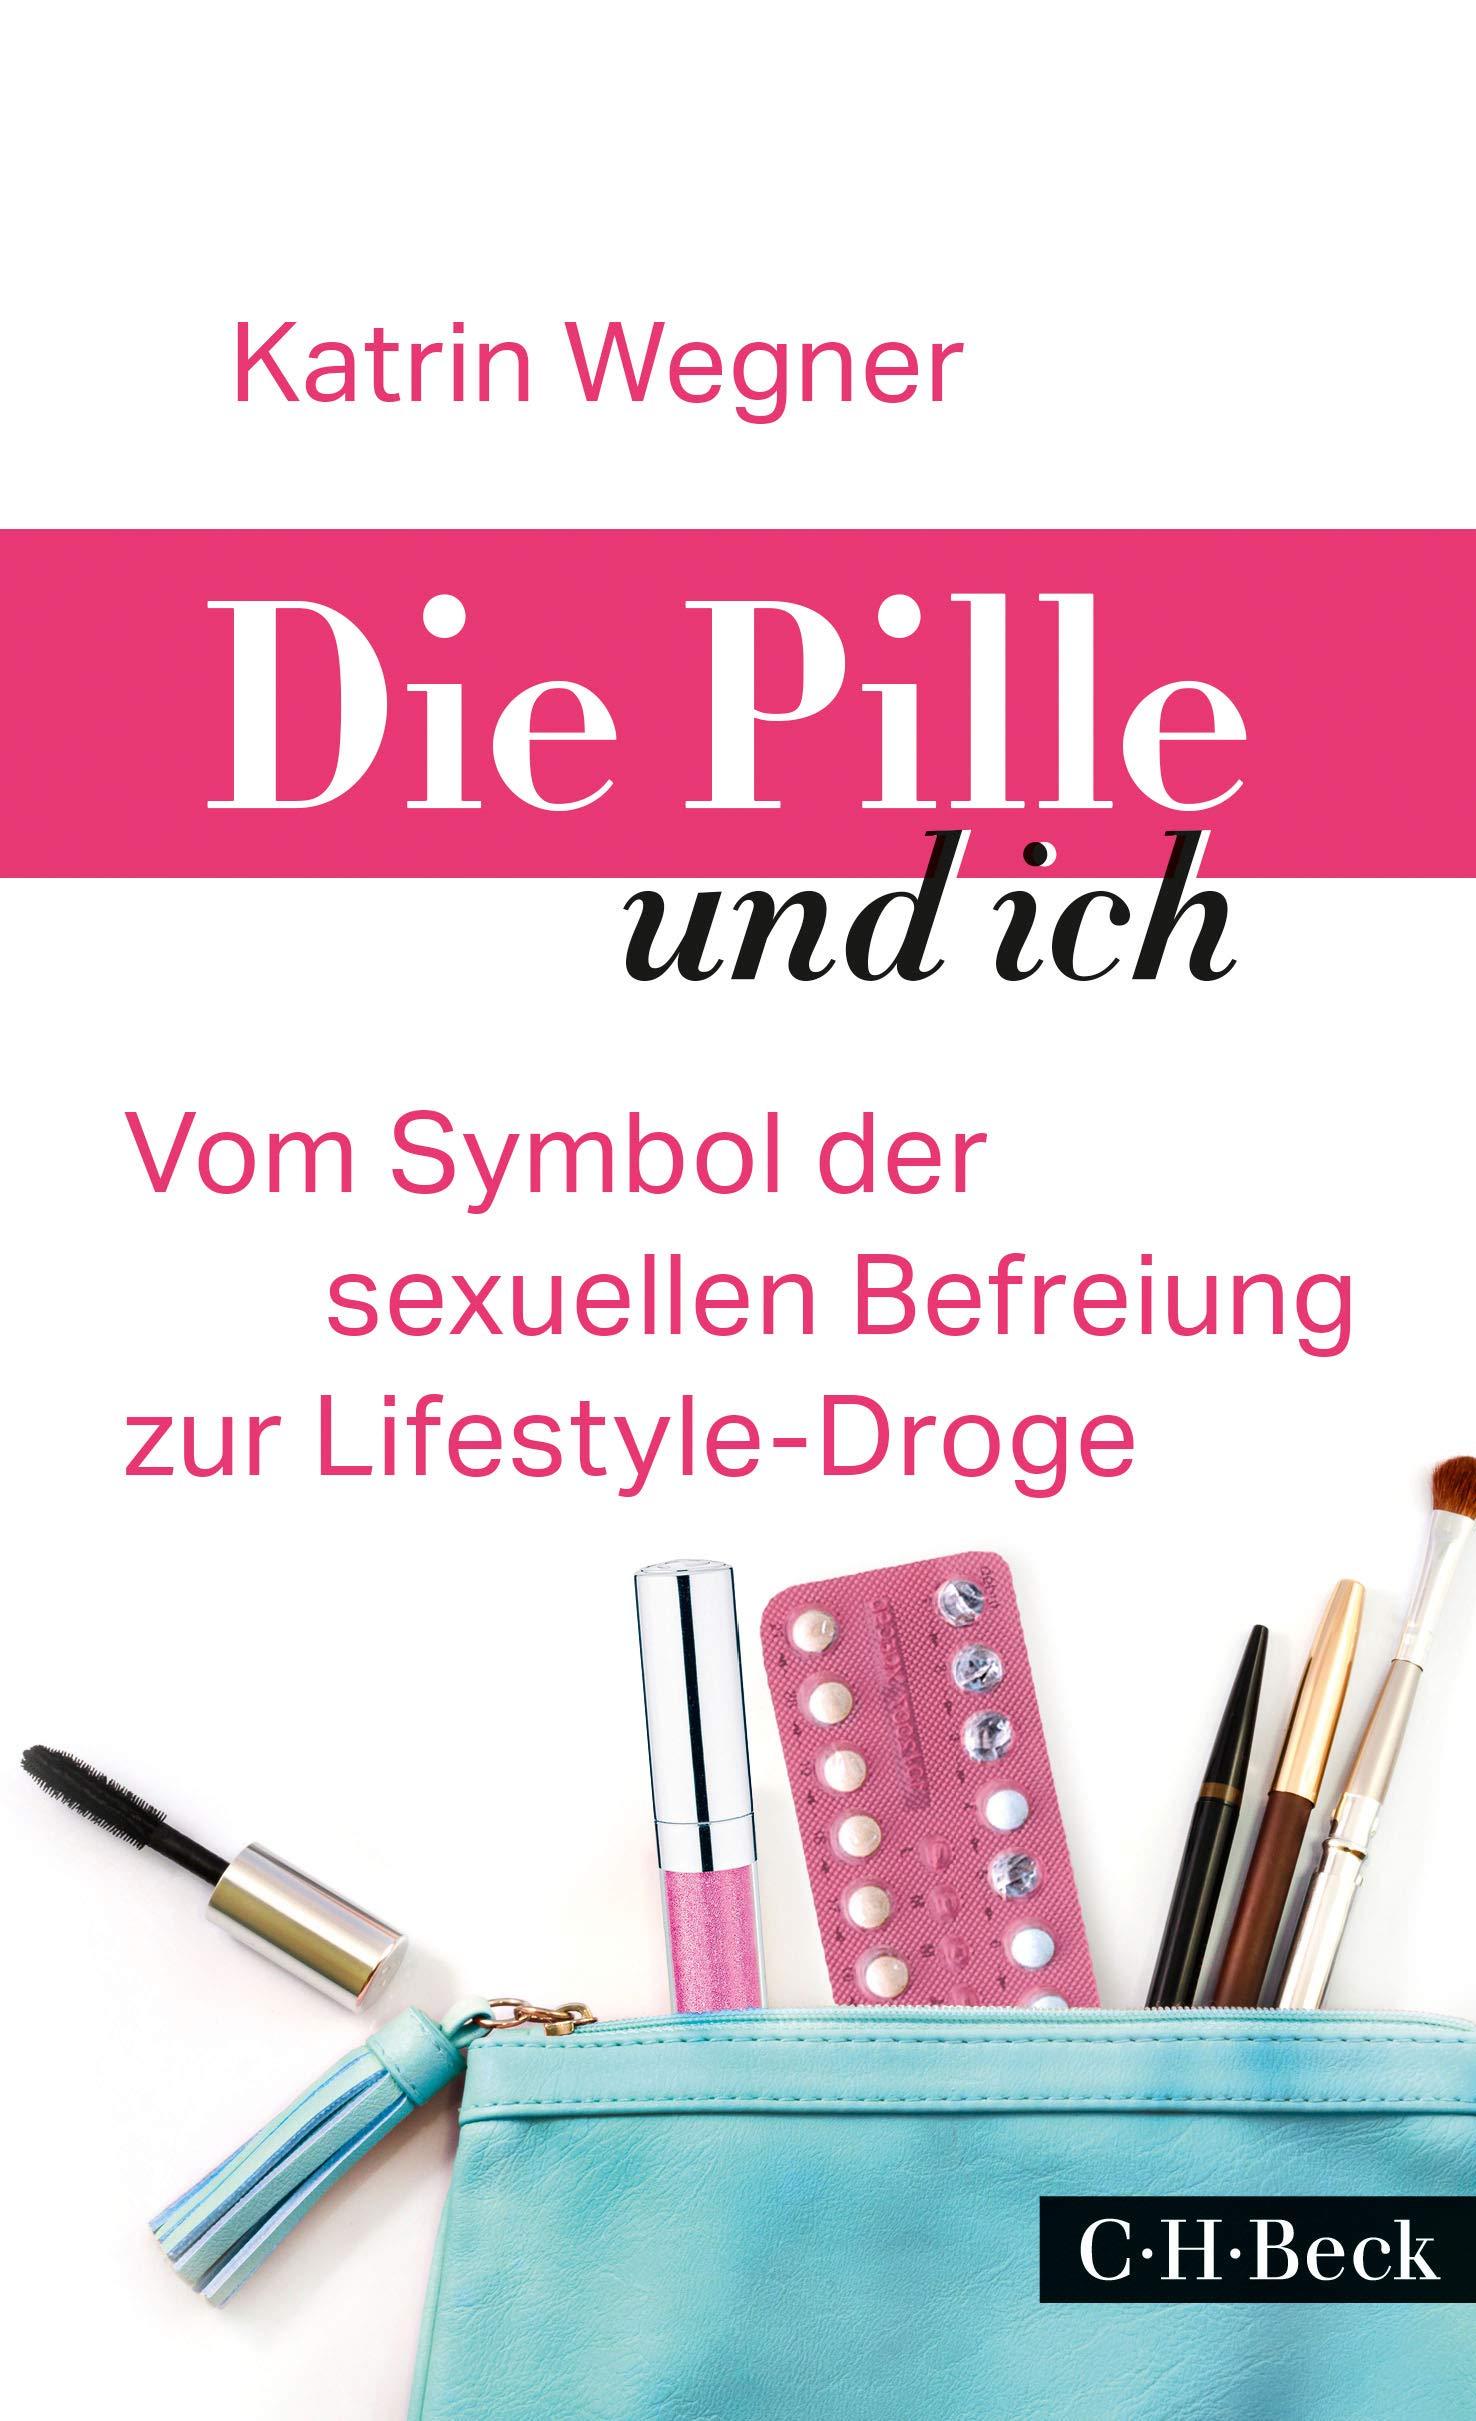 Die Pille und ich: Vom Symbol der sexuellen Befreiung zur Lifestyle-Droge